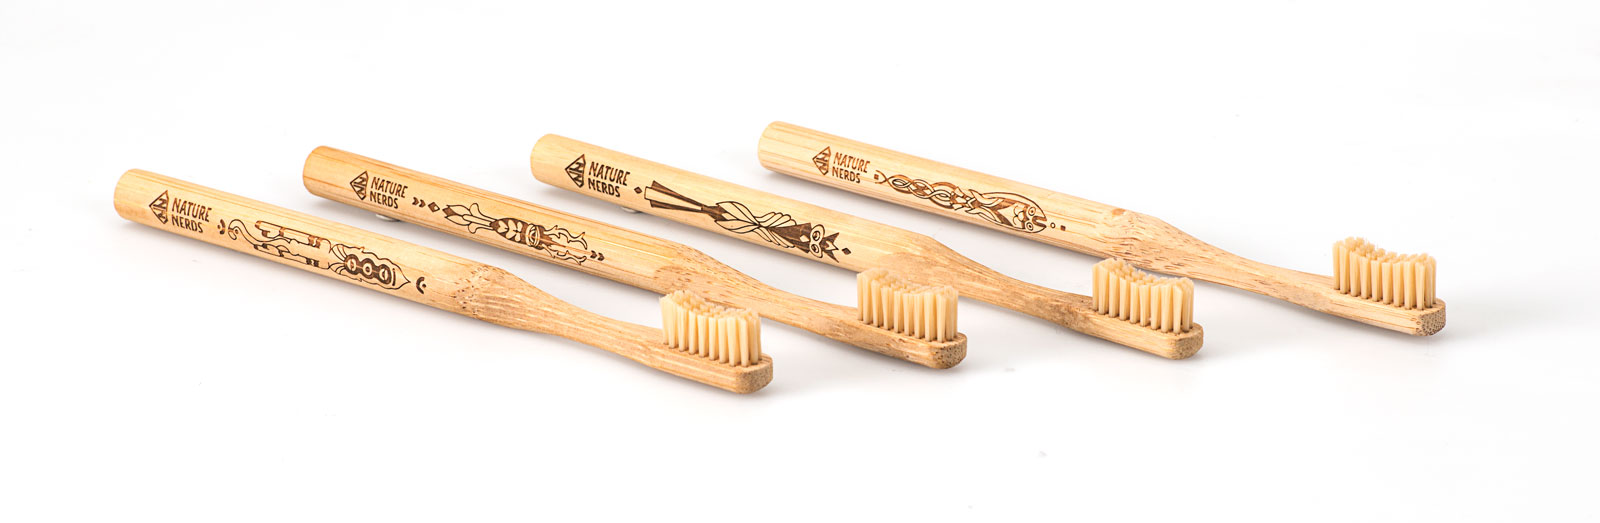 bambus-zahnbuerste-4-set